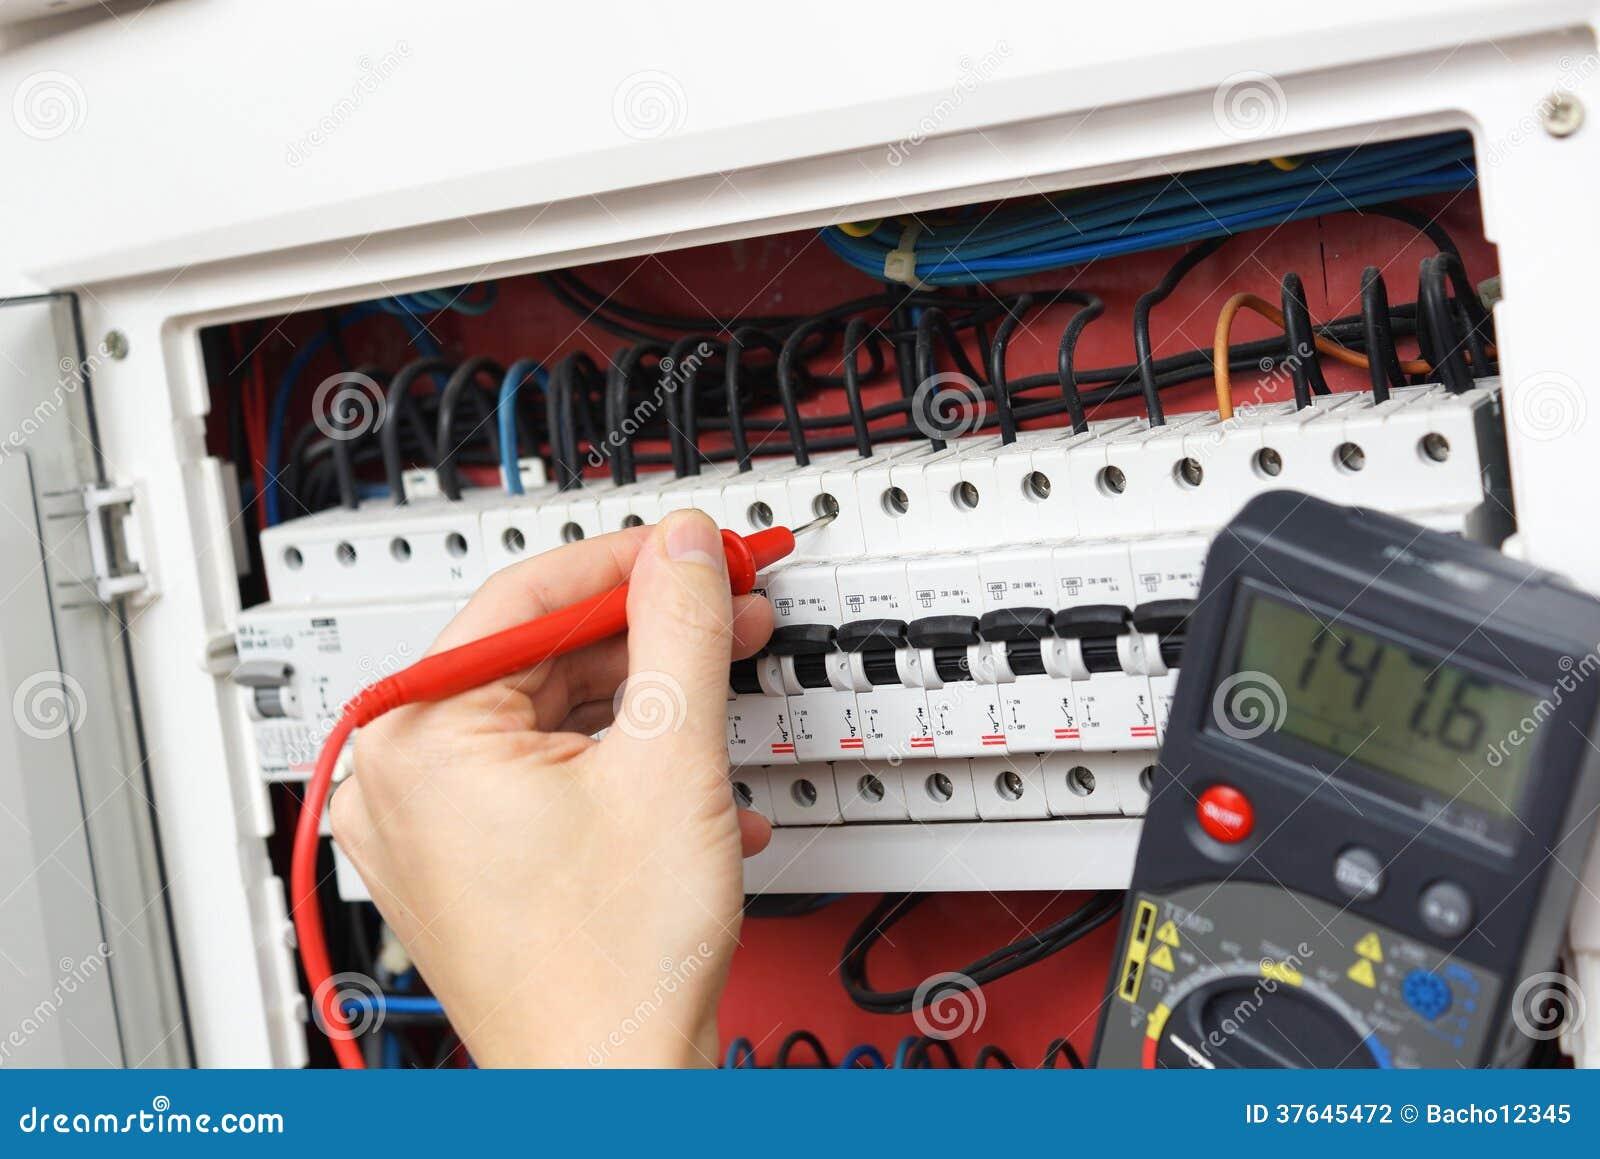 Mano di un elettricista con la sonda del multimetro ad un interruttore elettrico